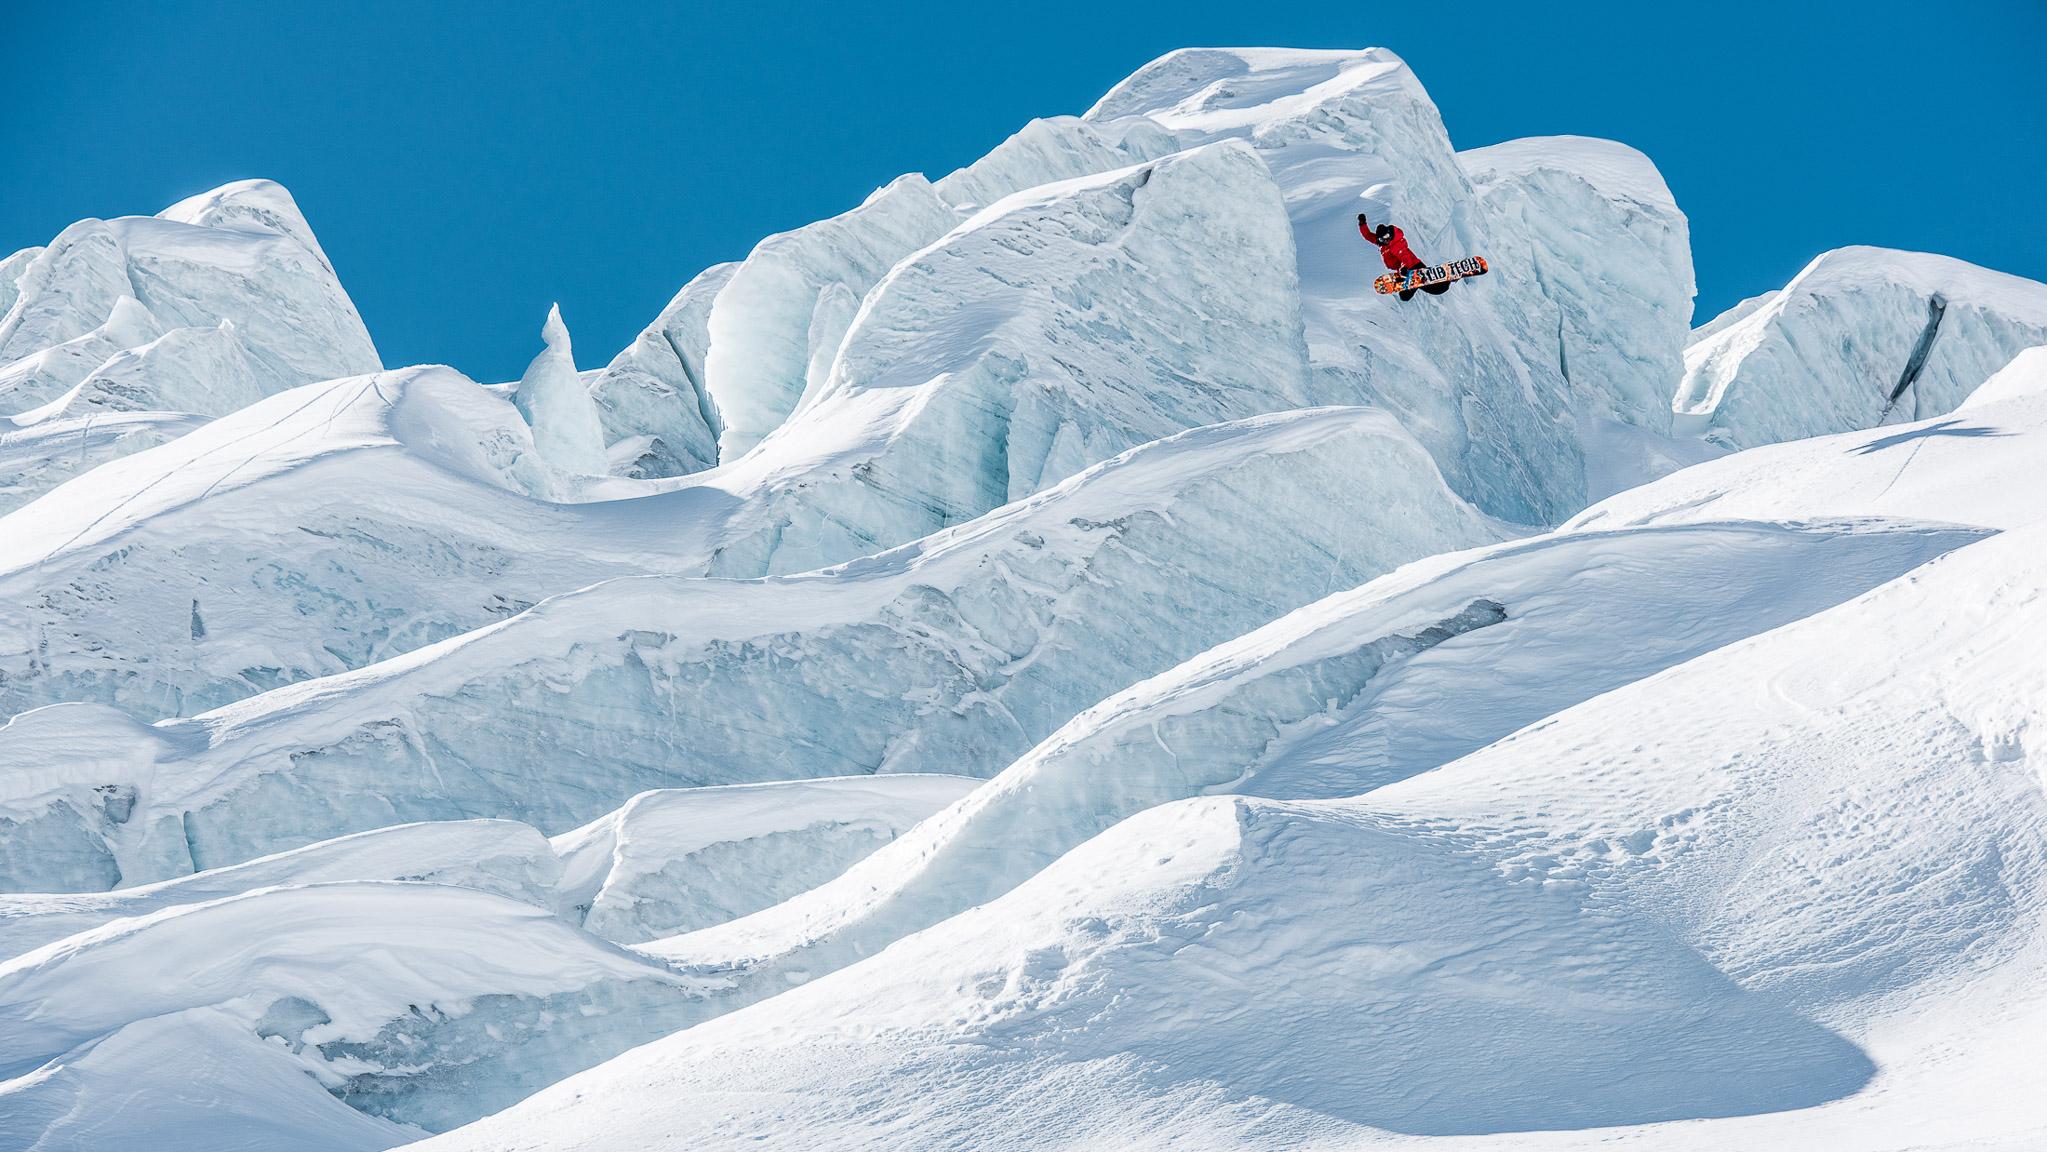 Eric Jackson, Switzerland